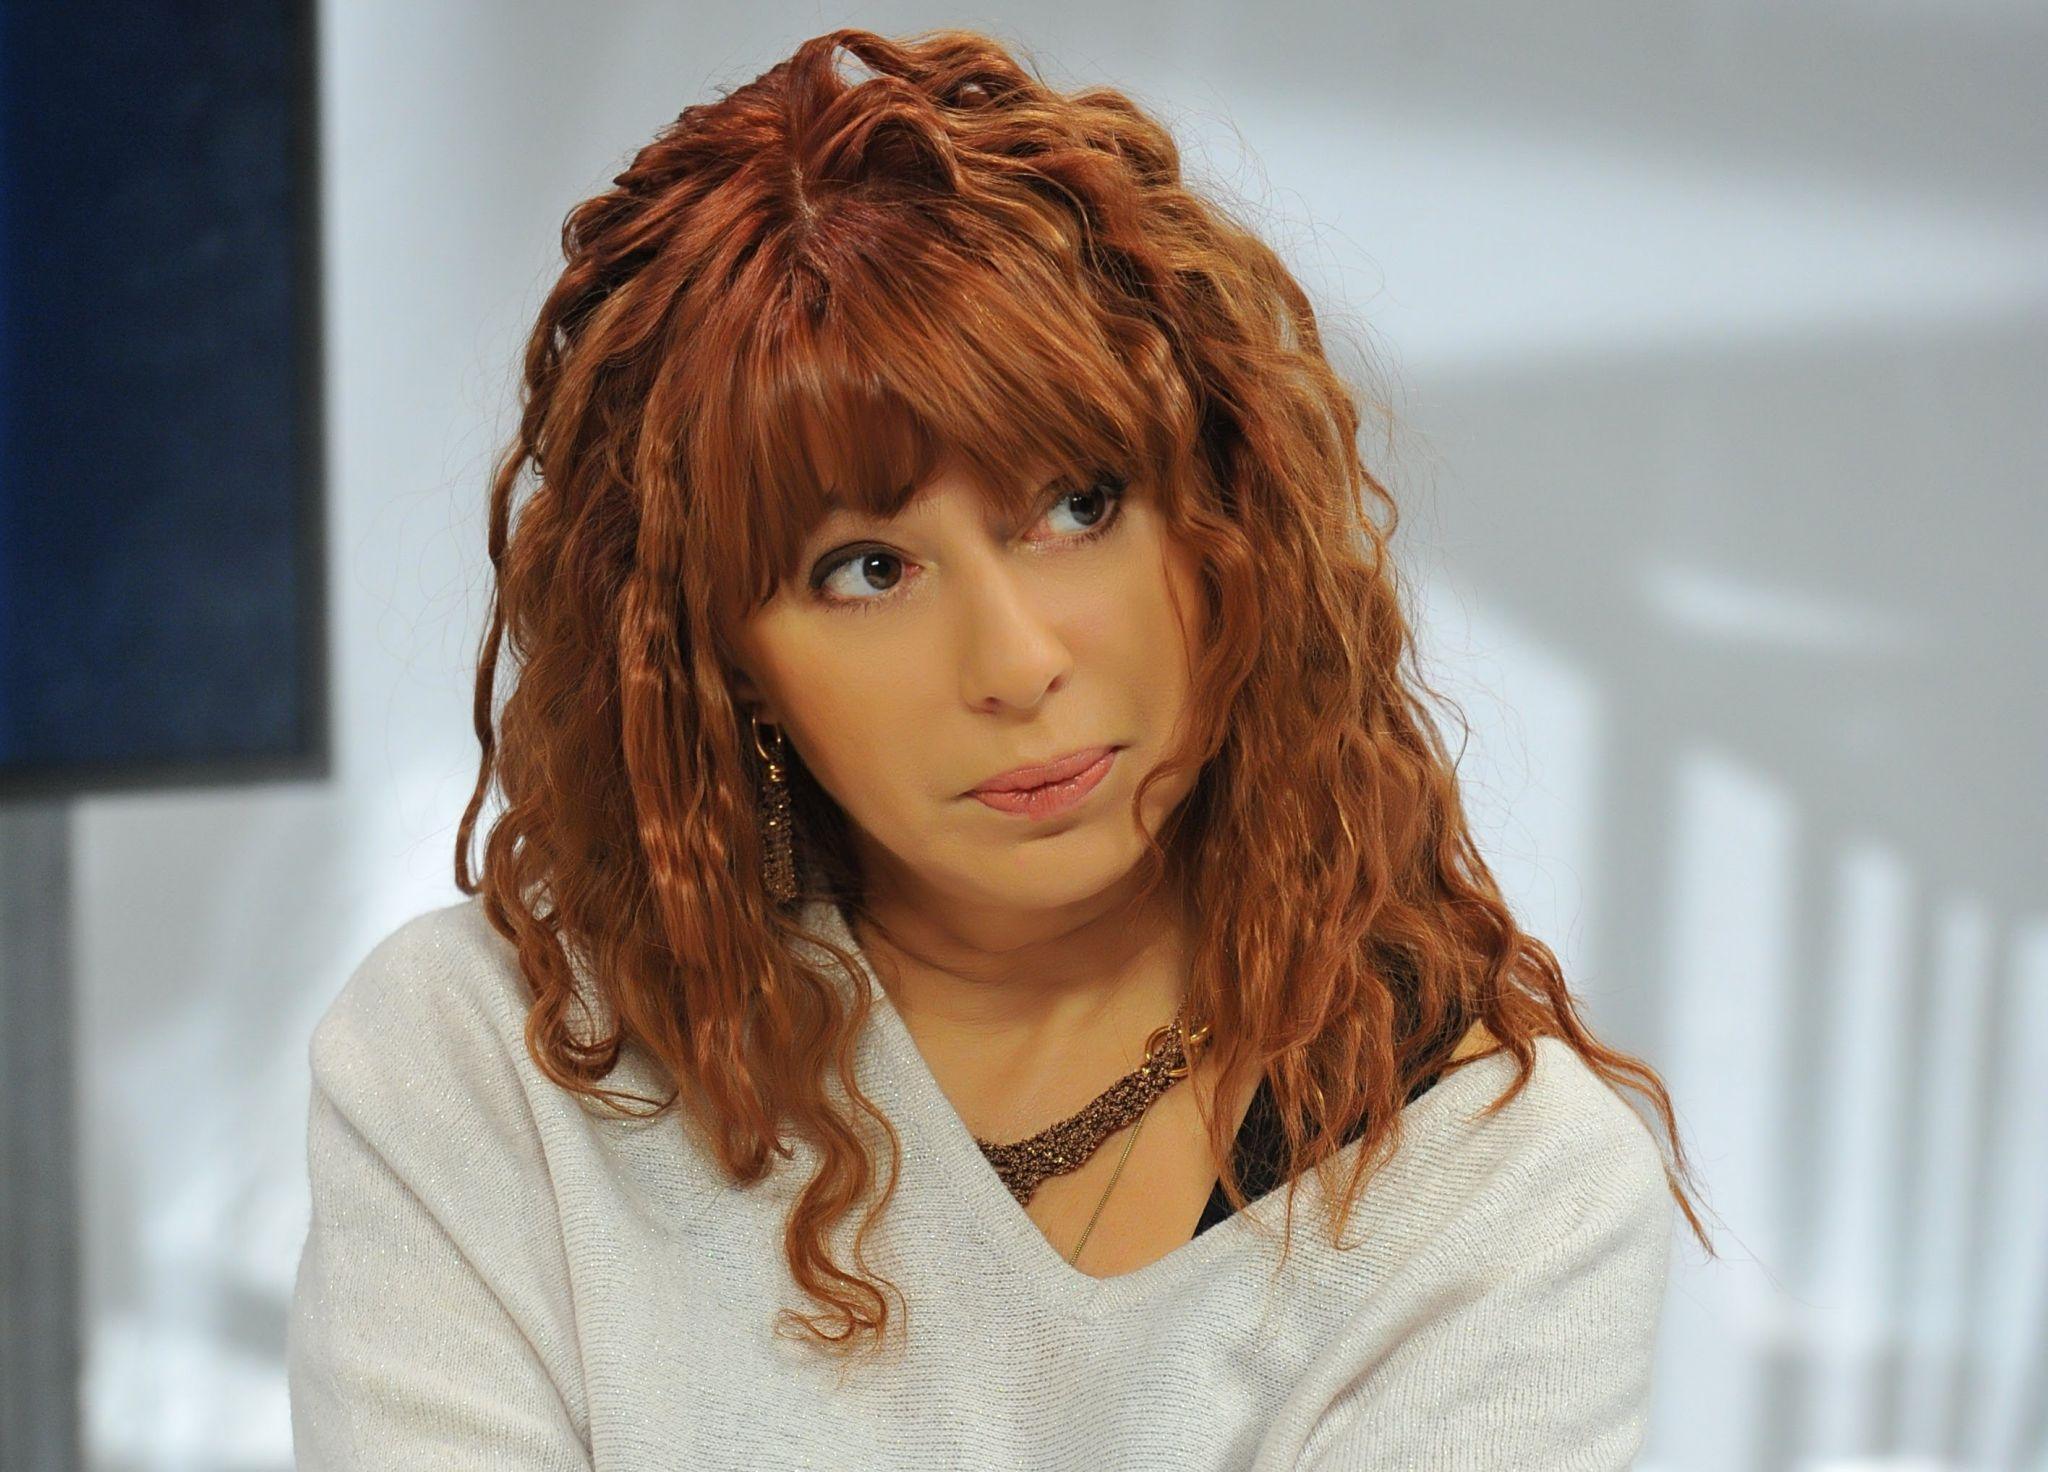 Алена Апина рассказала, как справлялась с осуждением после выхода скандального клипа «Близость»